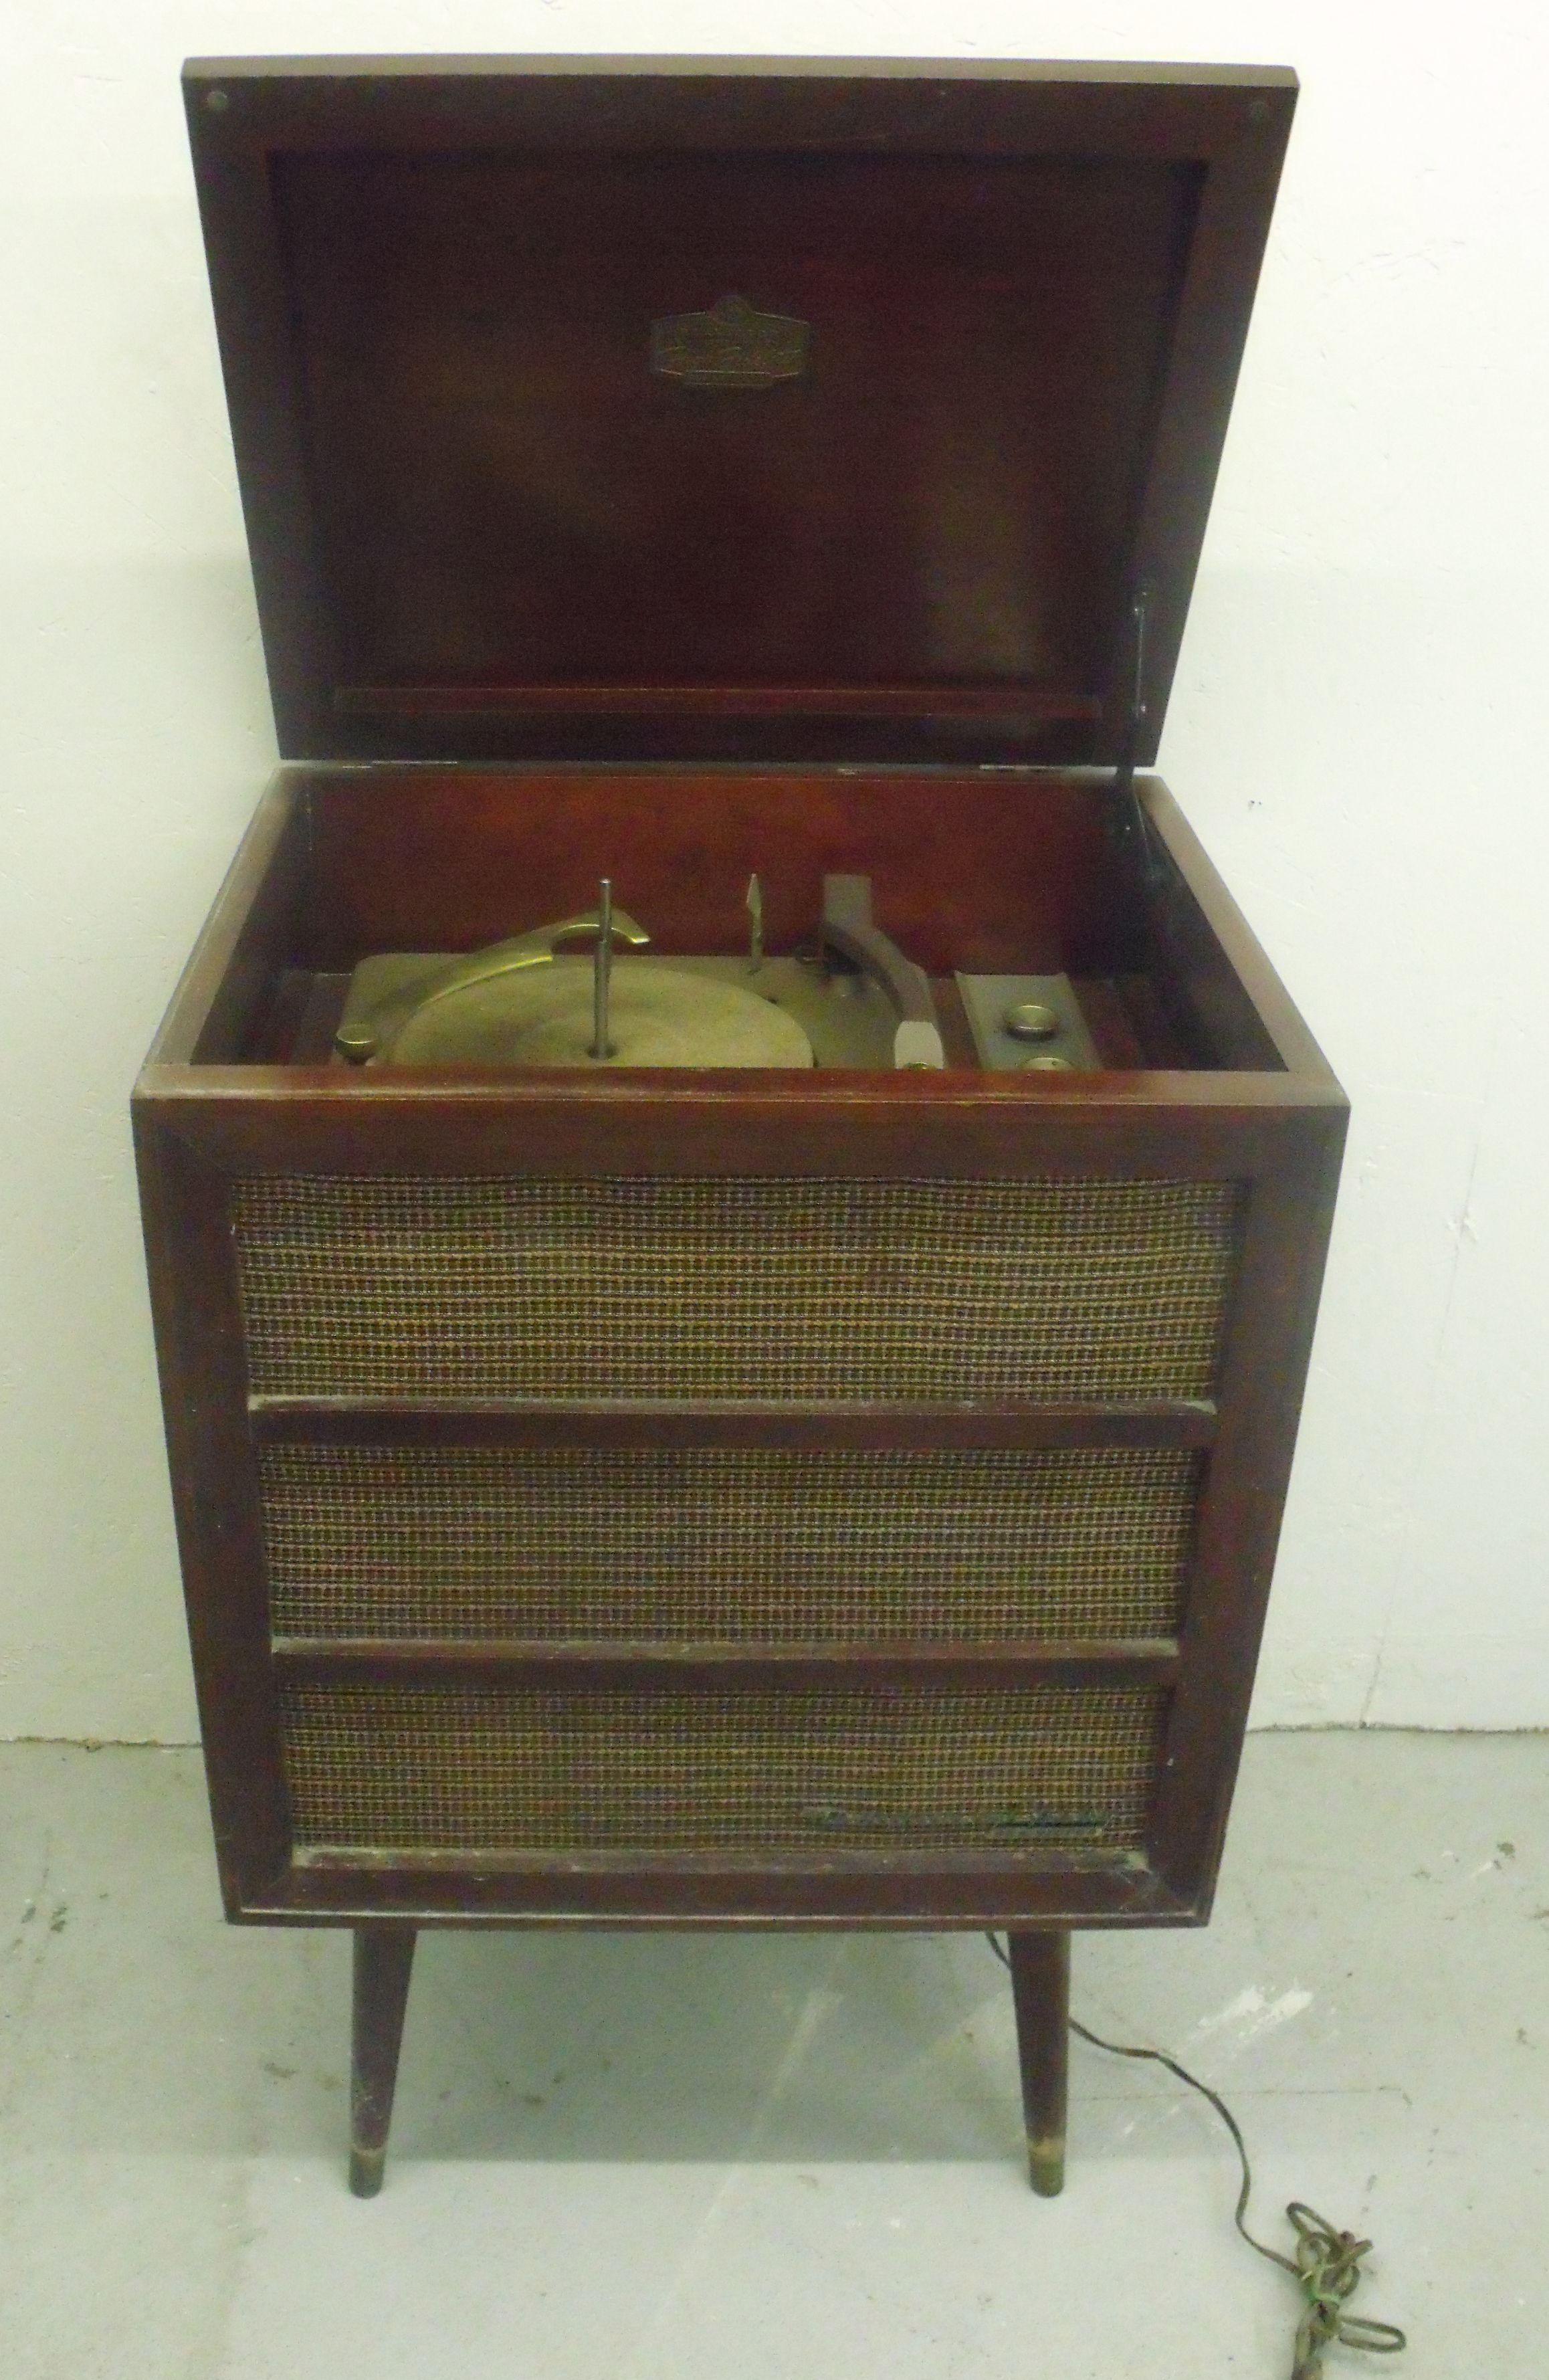 Victrola RCA Victor 6 HF 4 Orthophonic Record Player